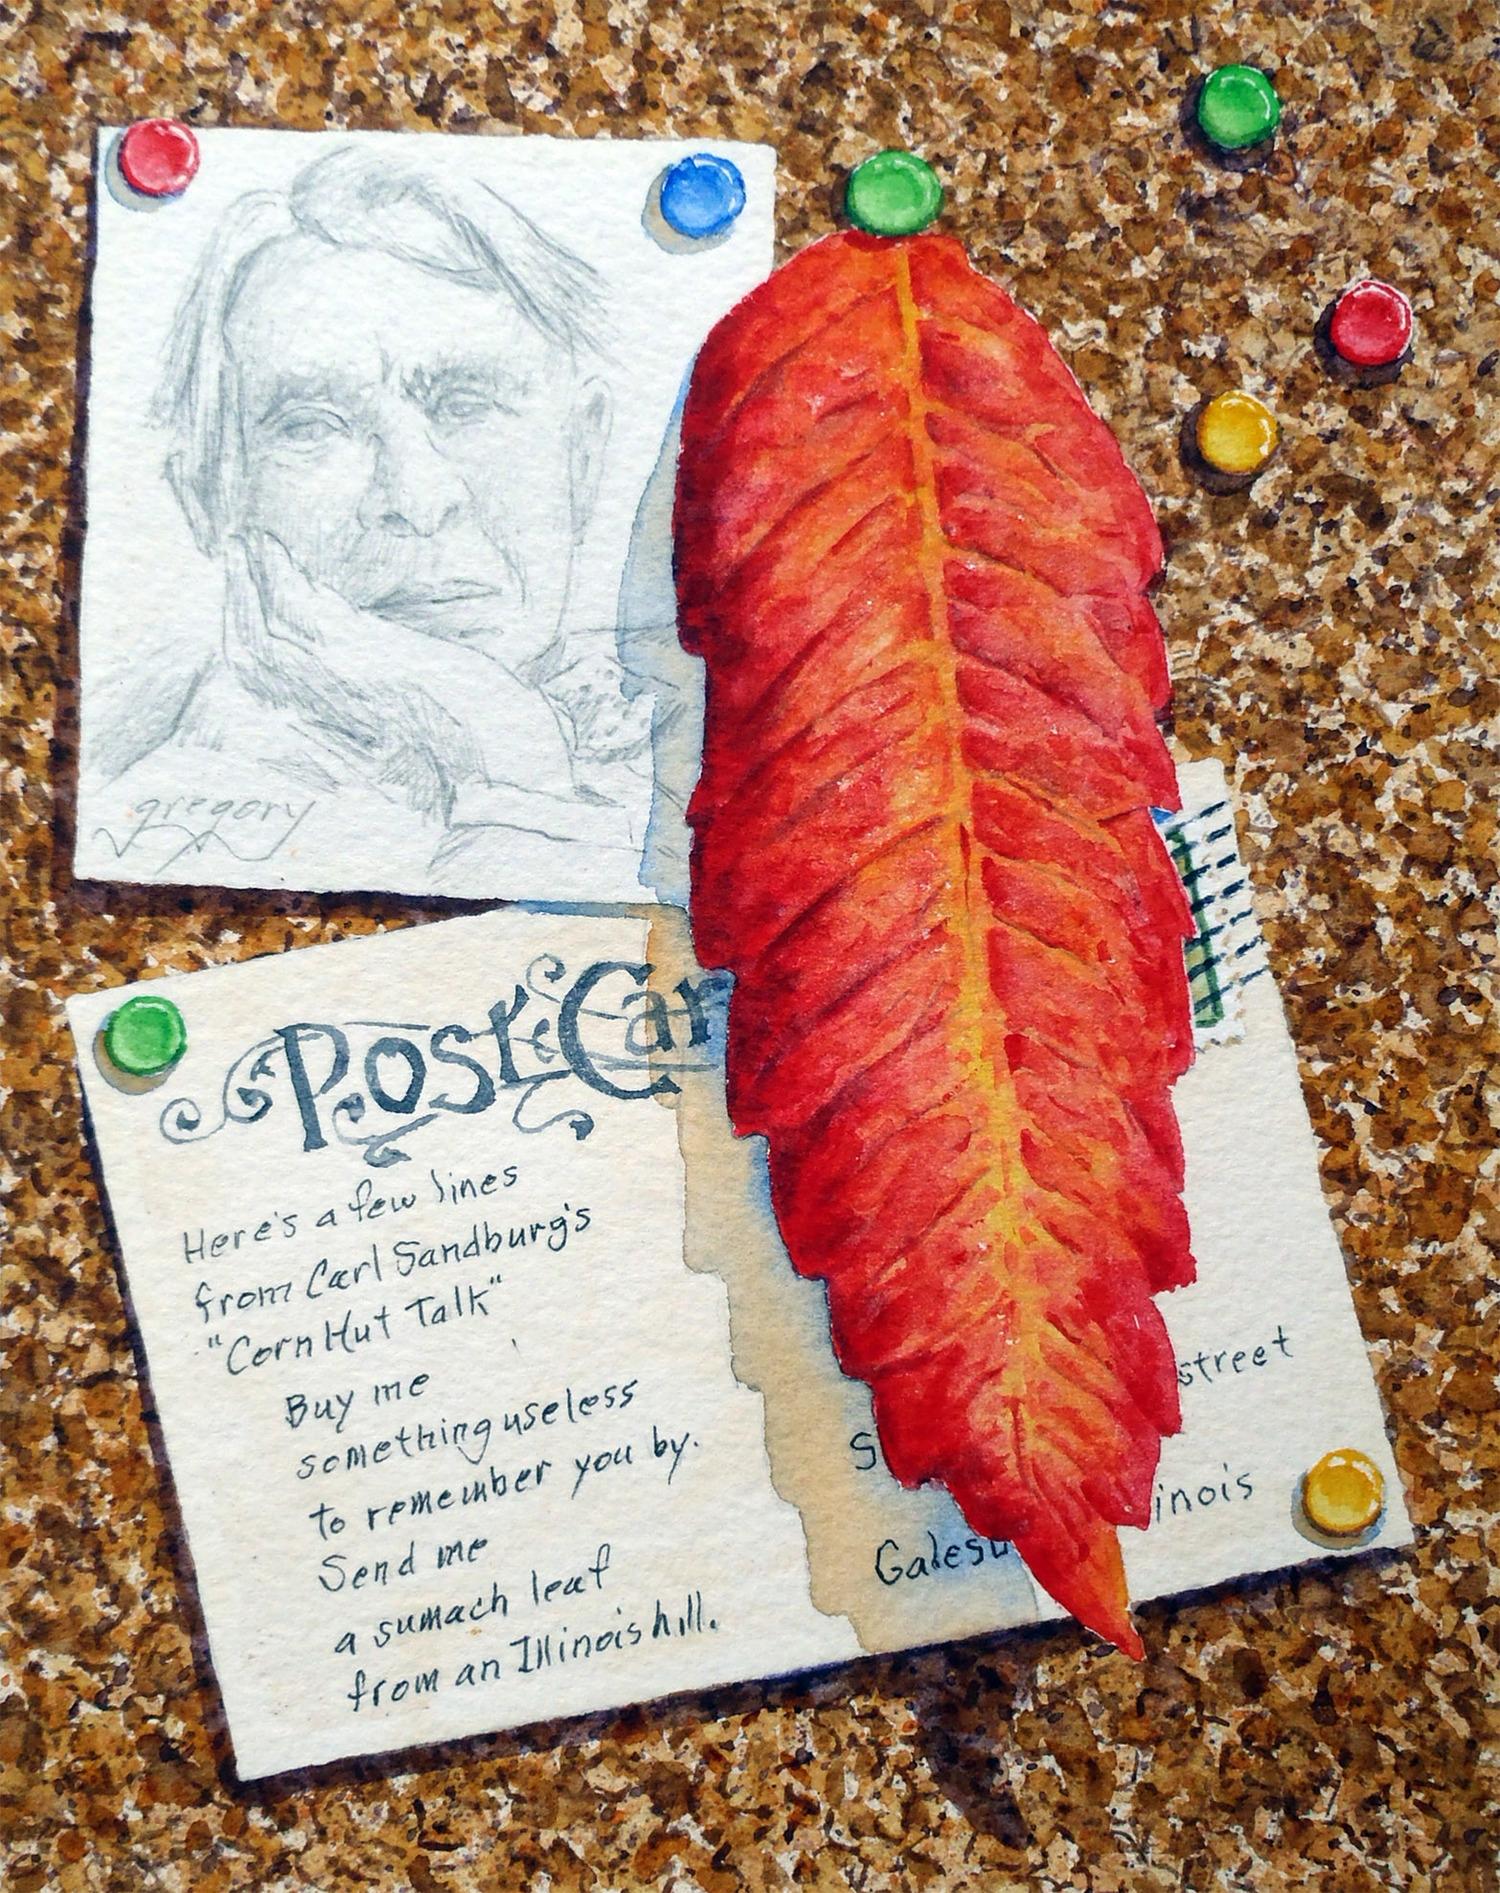 Sumach Leaf